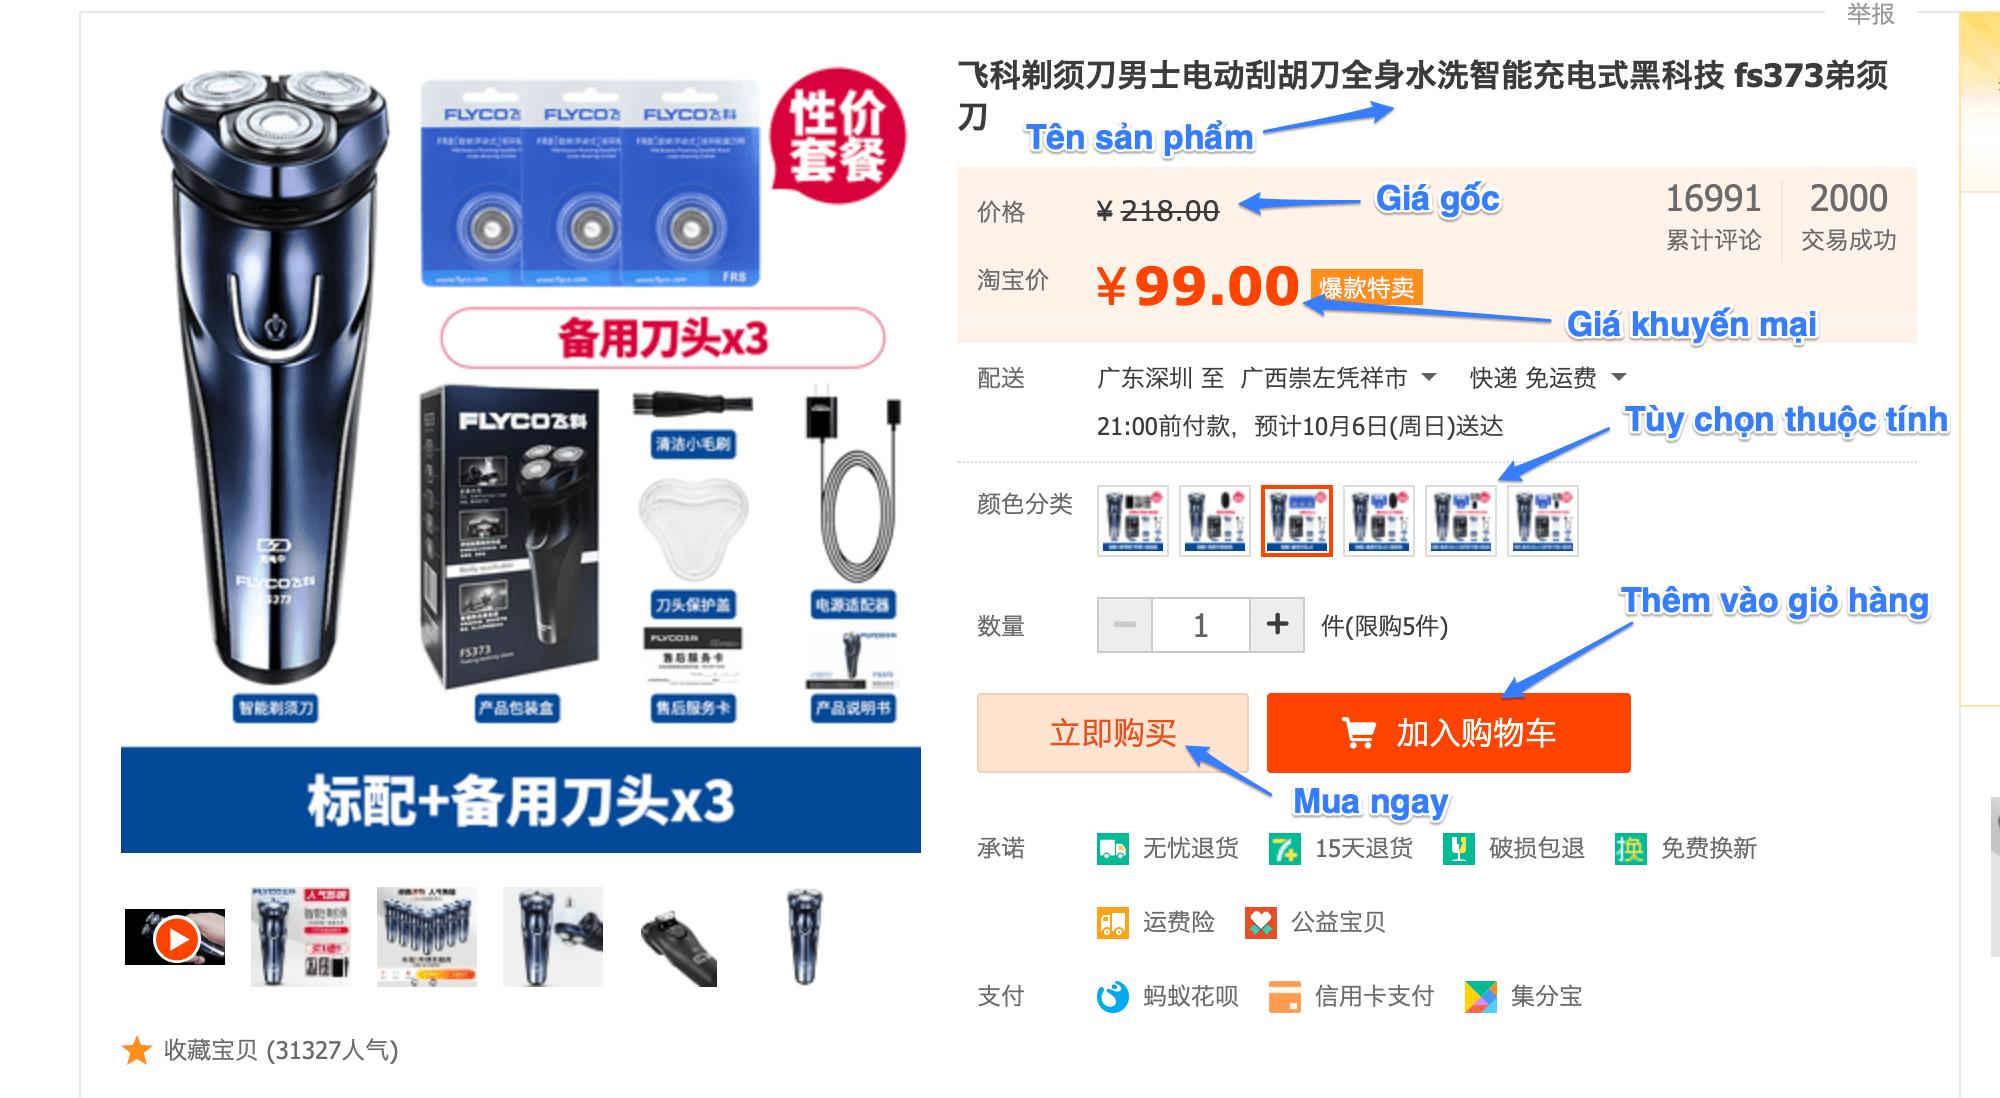 Trang thông tin chi tiết sản phẩm trên Taobao